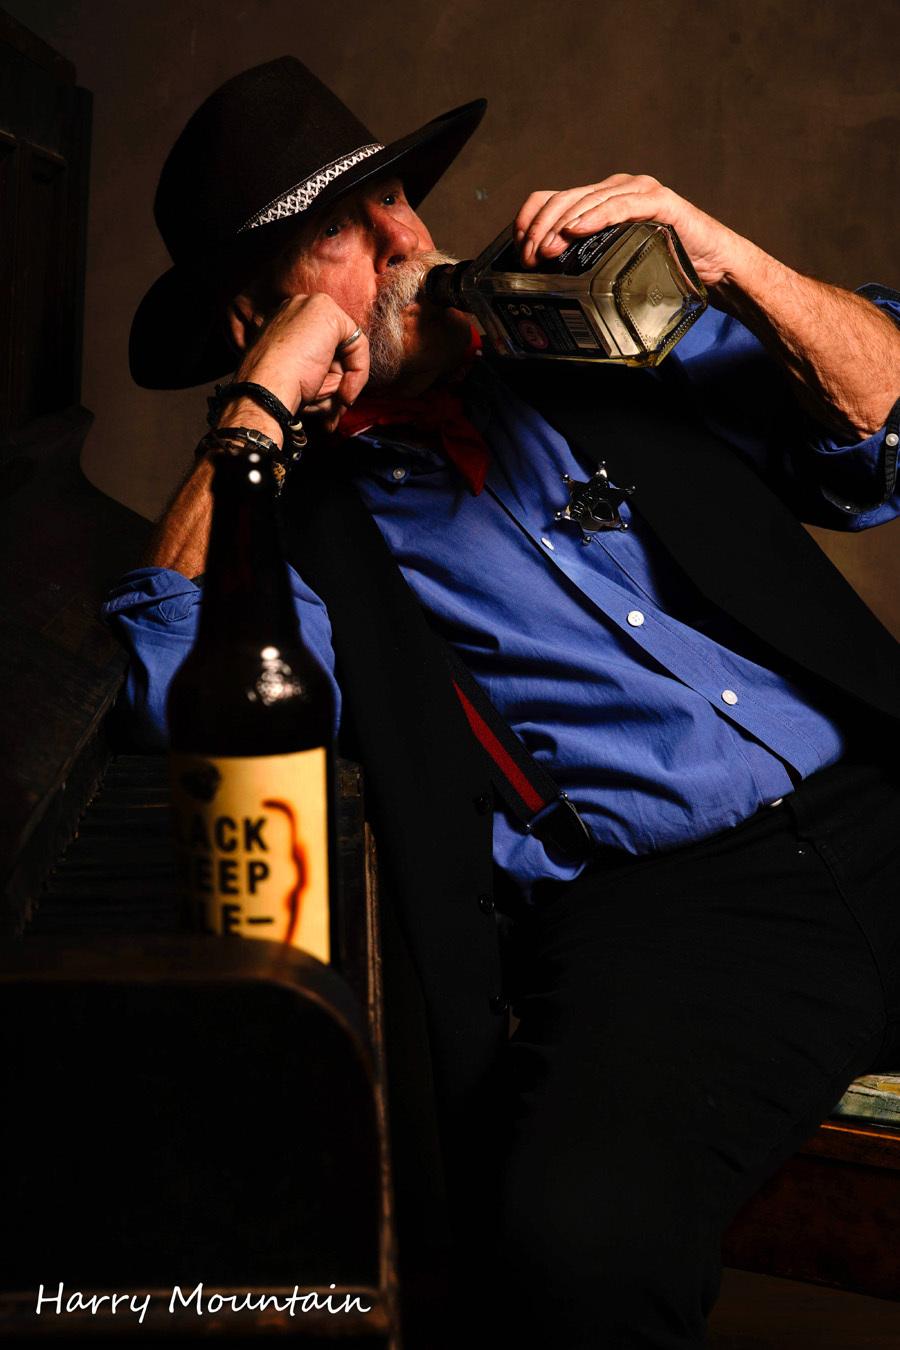 Little old wine drinker me / Model Harry Mountain / Uploaded 9th August 2019 @ 05:11 PM